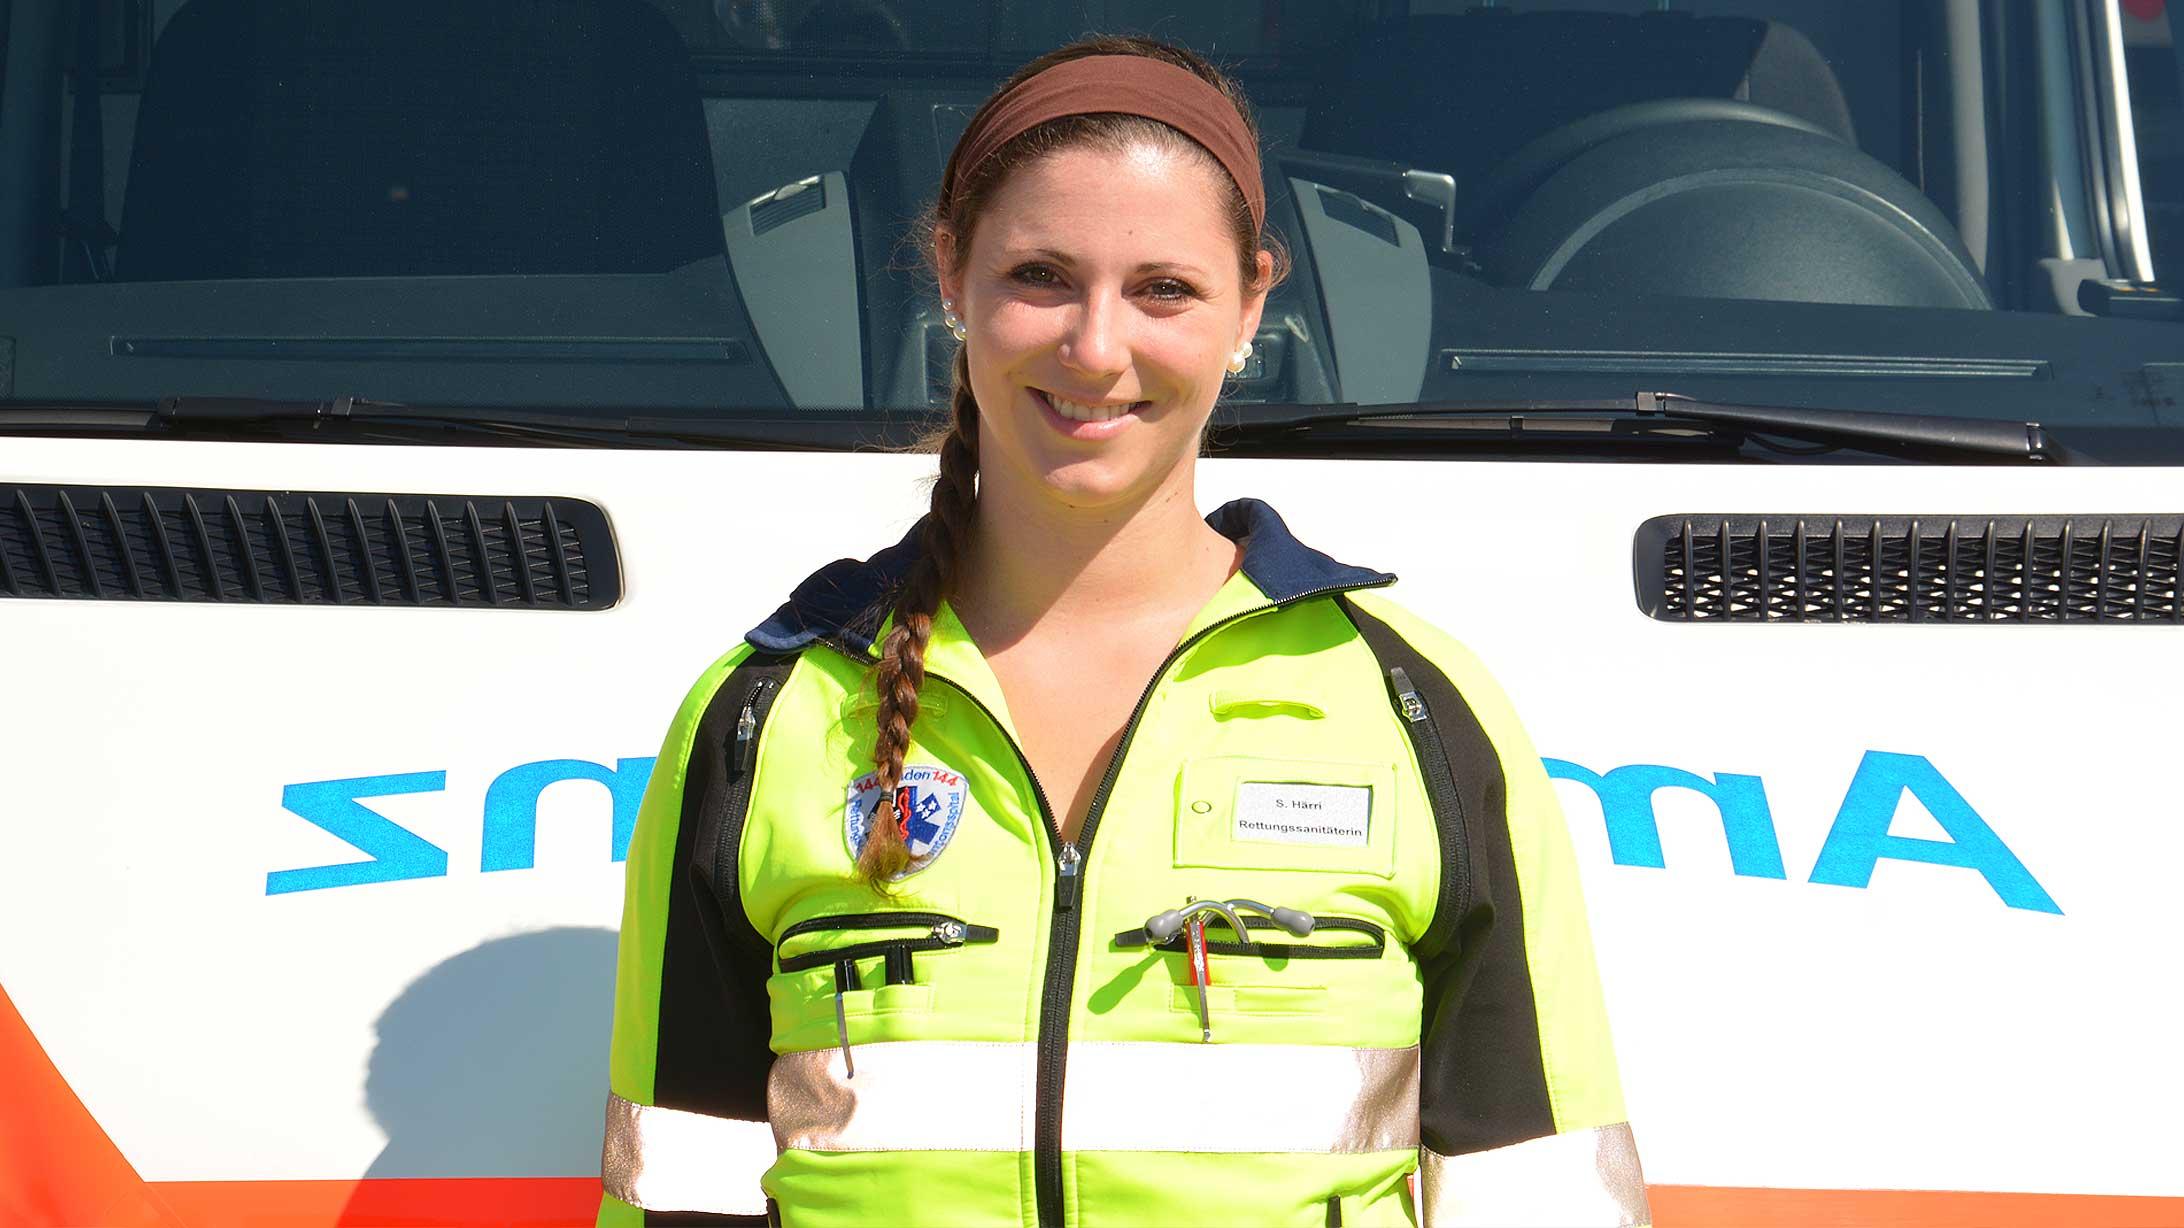 Rettungssanitäterin Stefanie Härri vor dem Rettungswagen